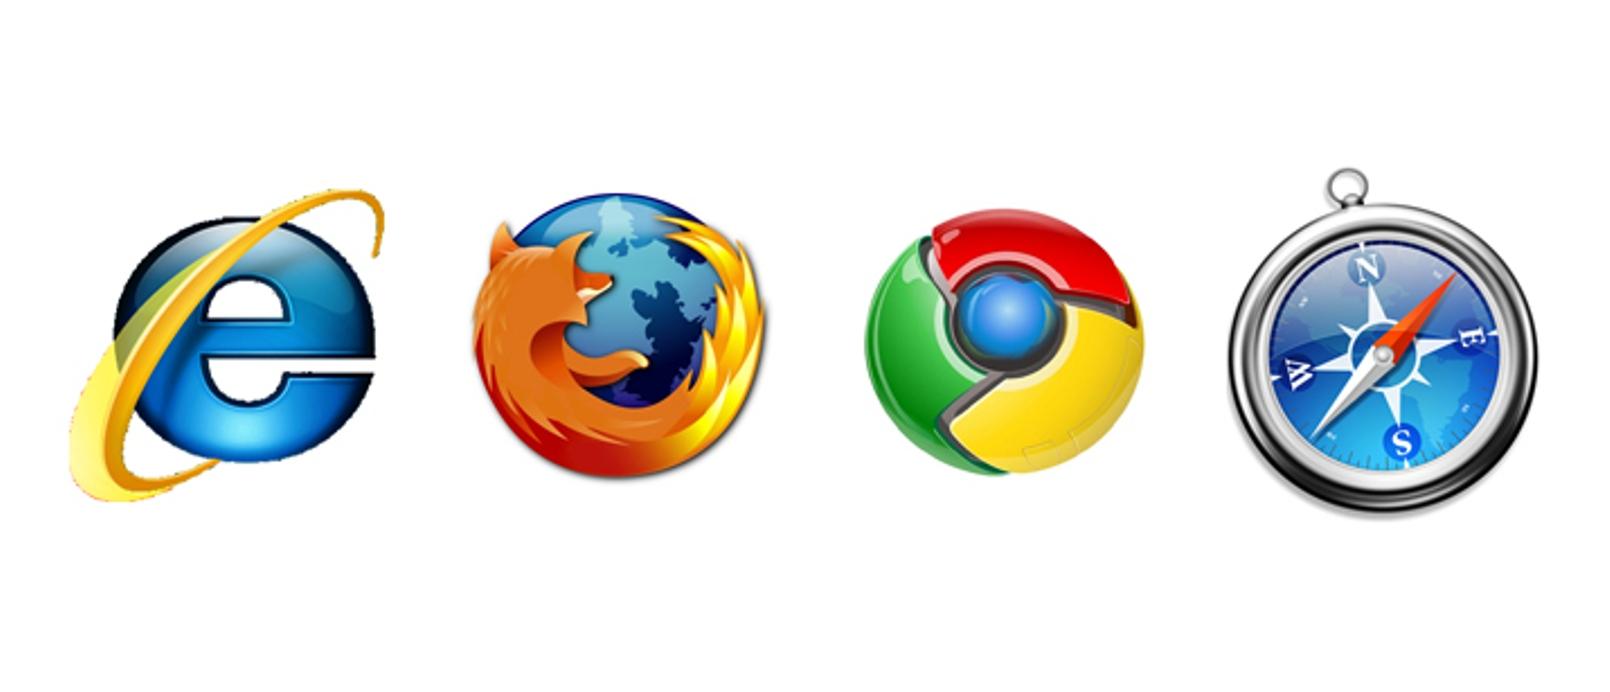 هذا هو متصفح الأنترنت أكثر إستعمالا.. وأنت ماذا تستخدم ؟ Internet Browser